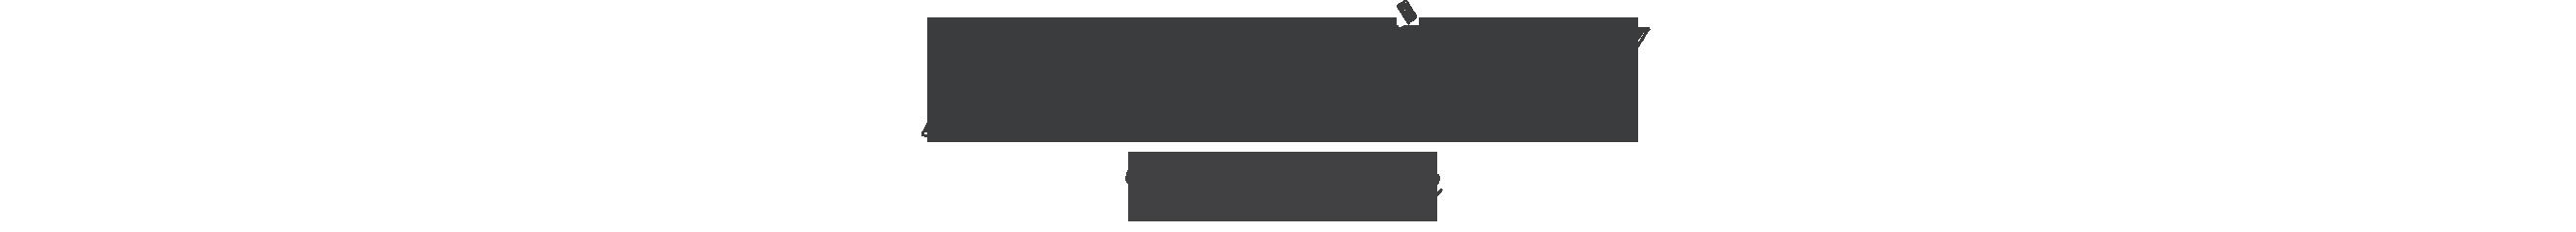 ZROBILISMY-headline4